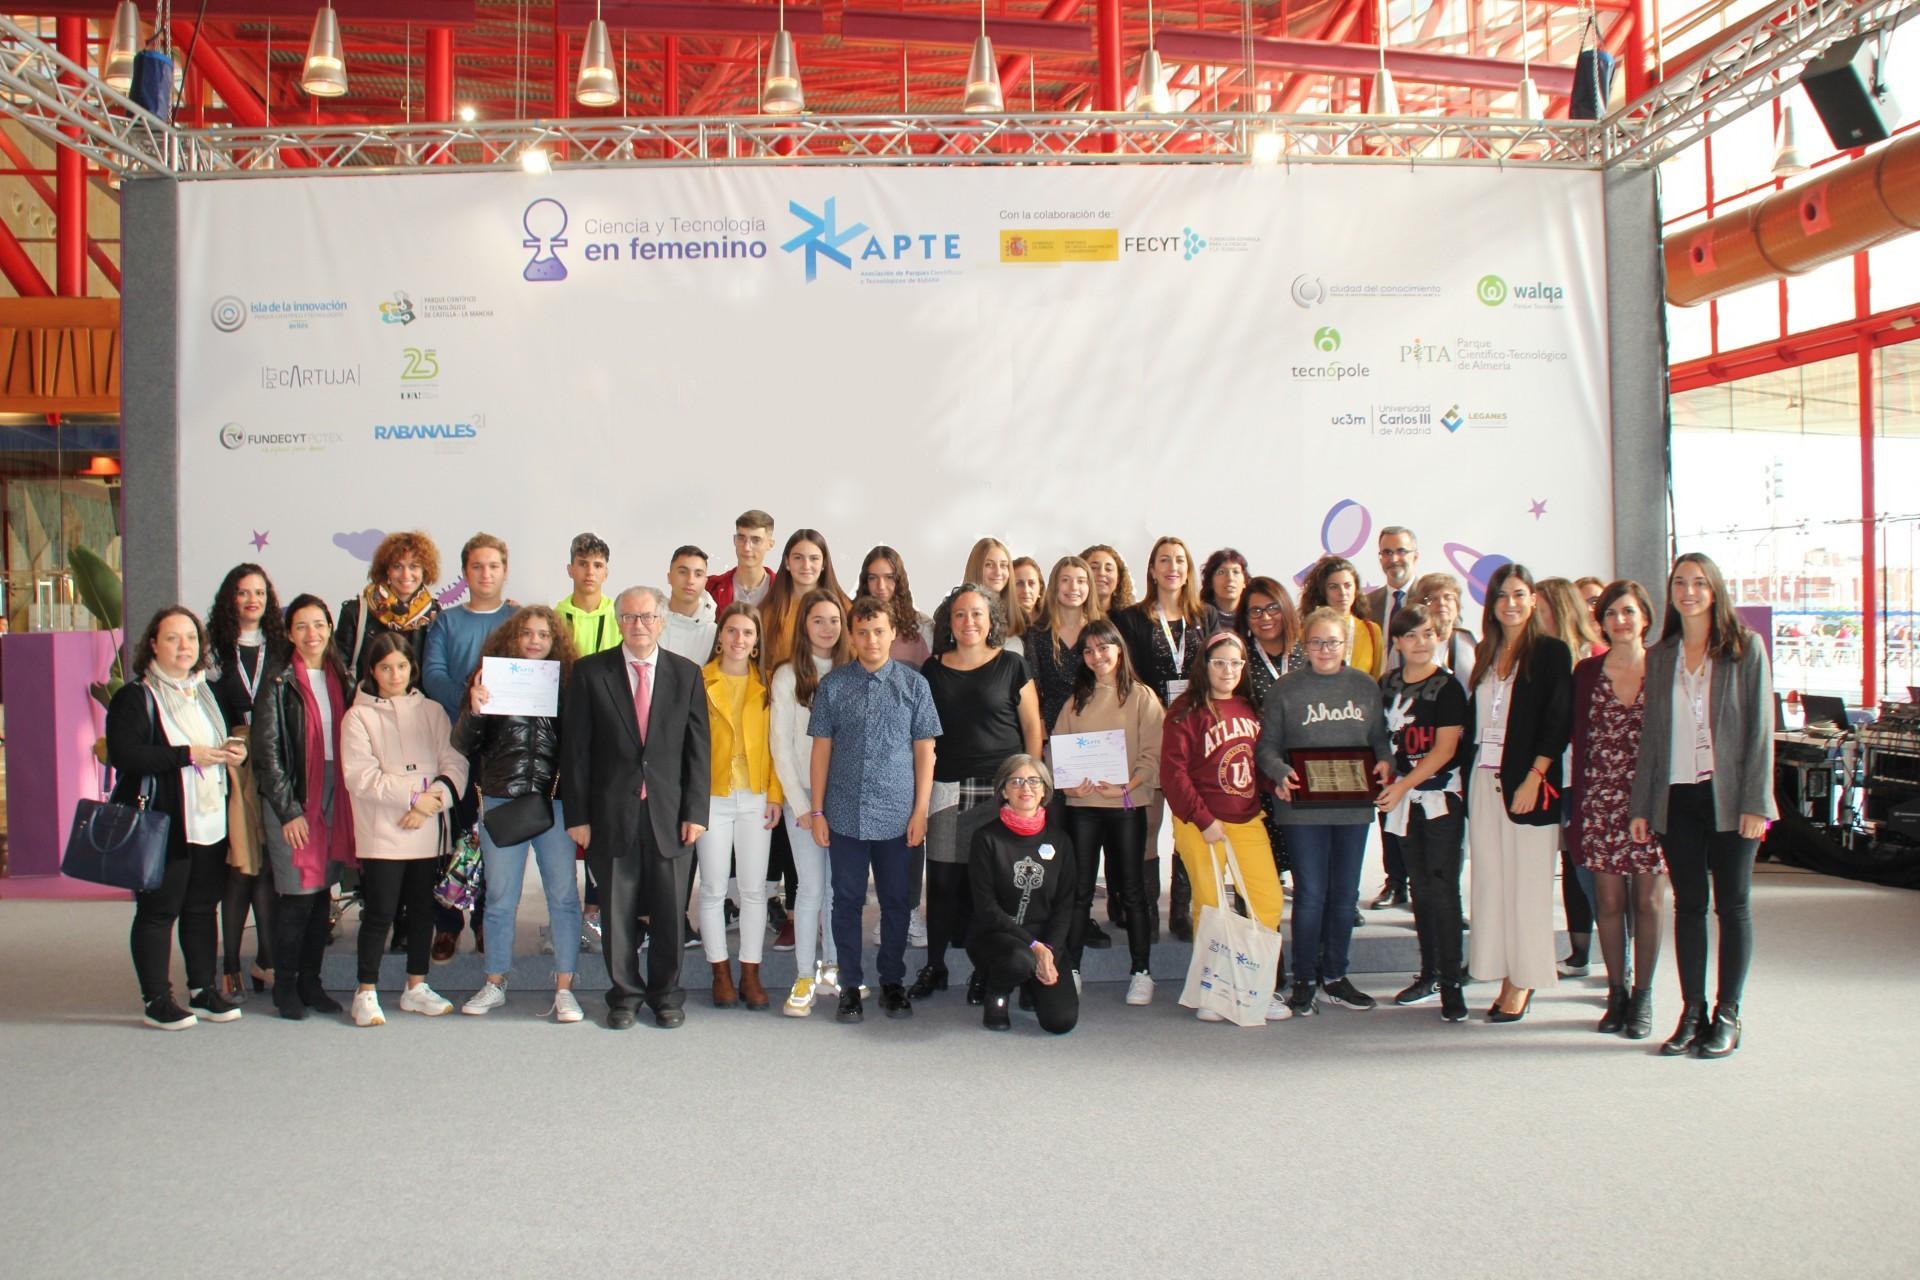 APTE clausura con éxito la 2º edición de Ciencia y Tecnología en femenino con una gran participación